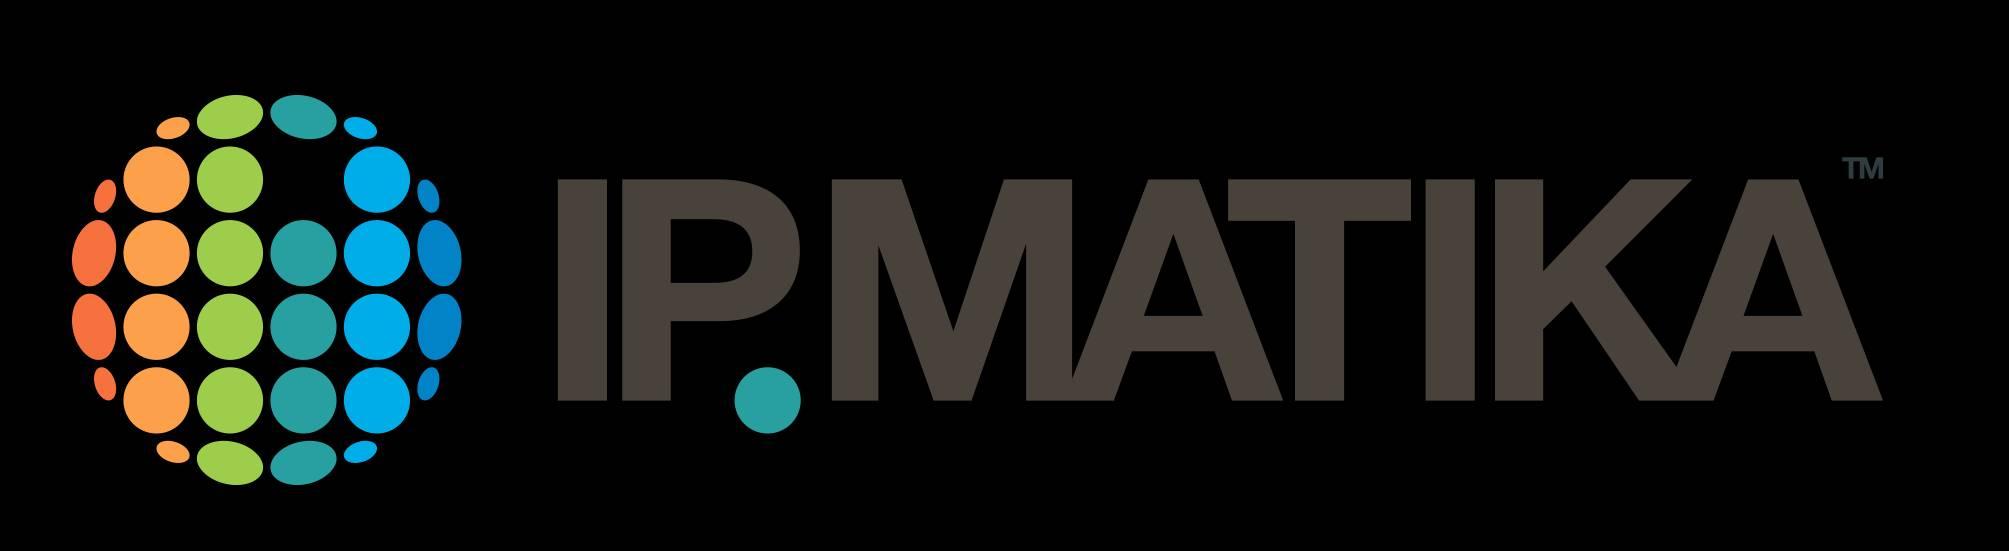 IPmatika Logo